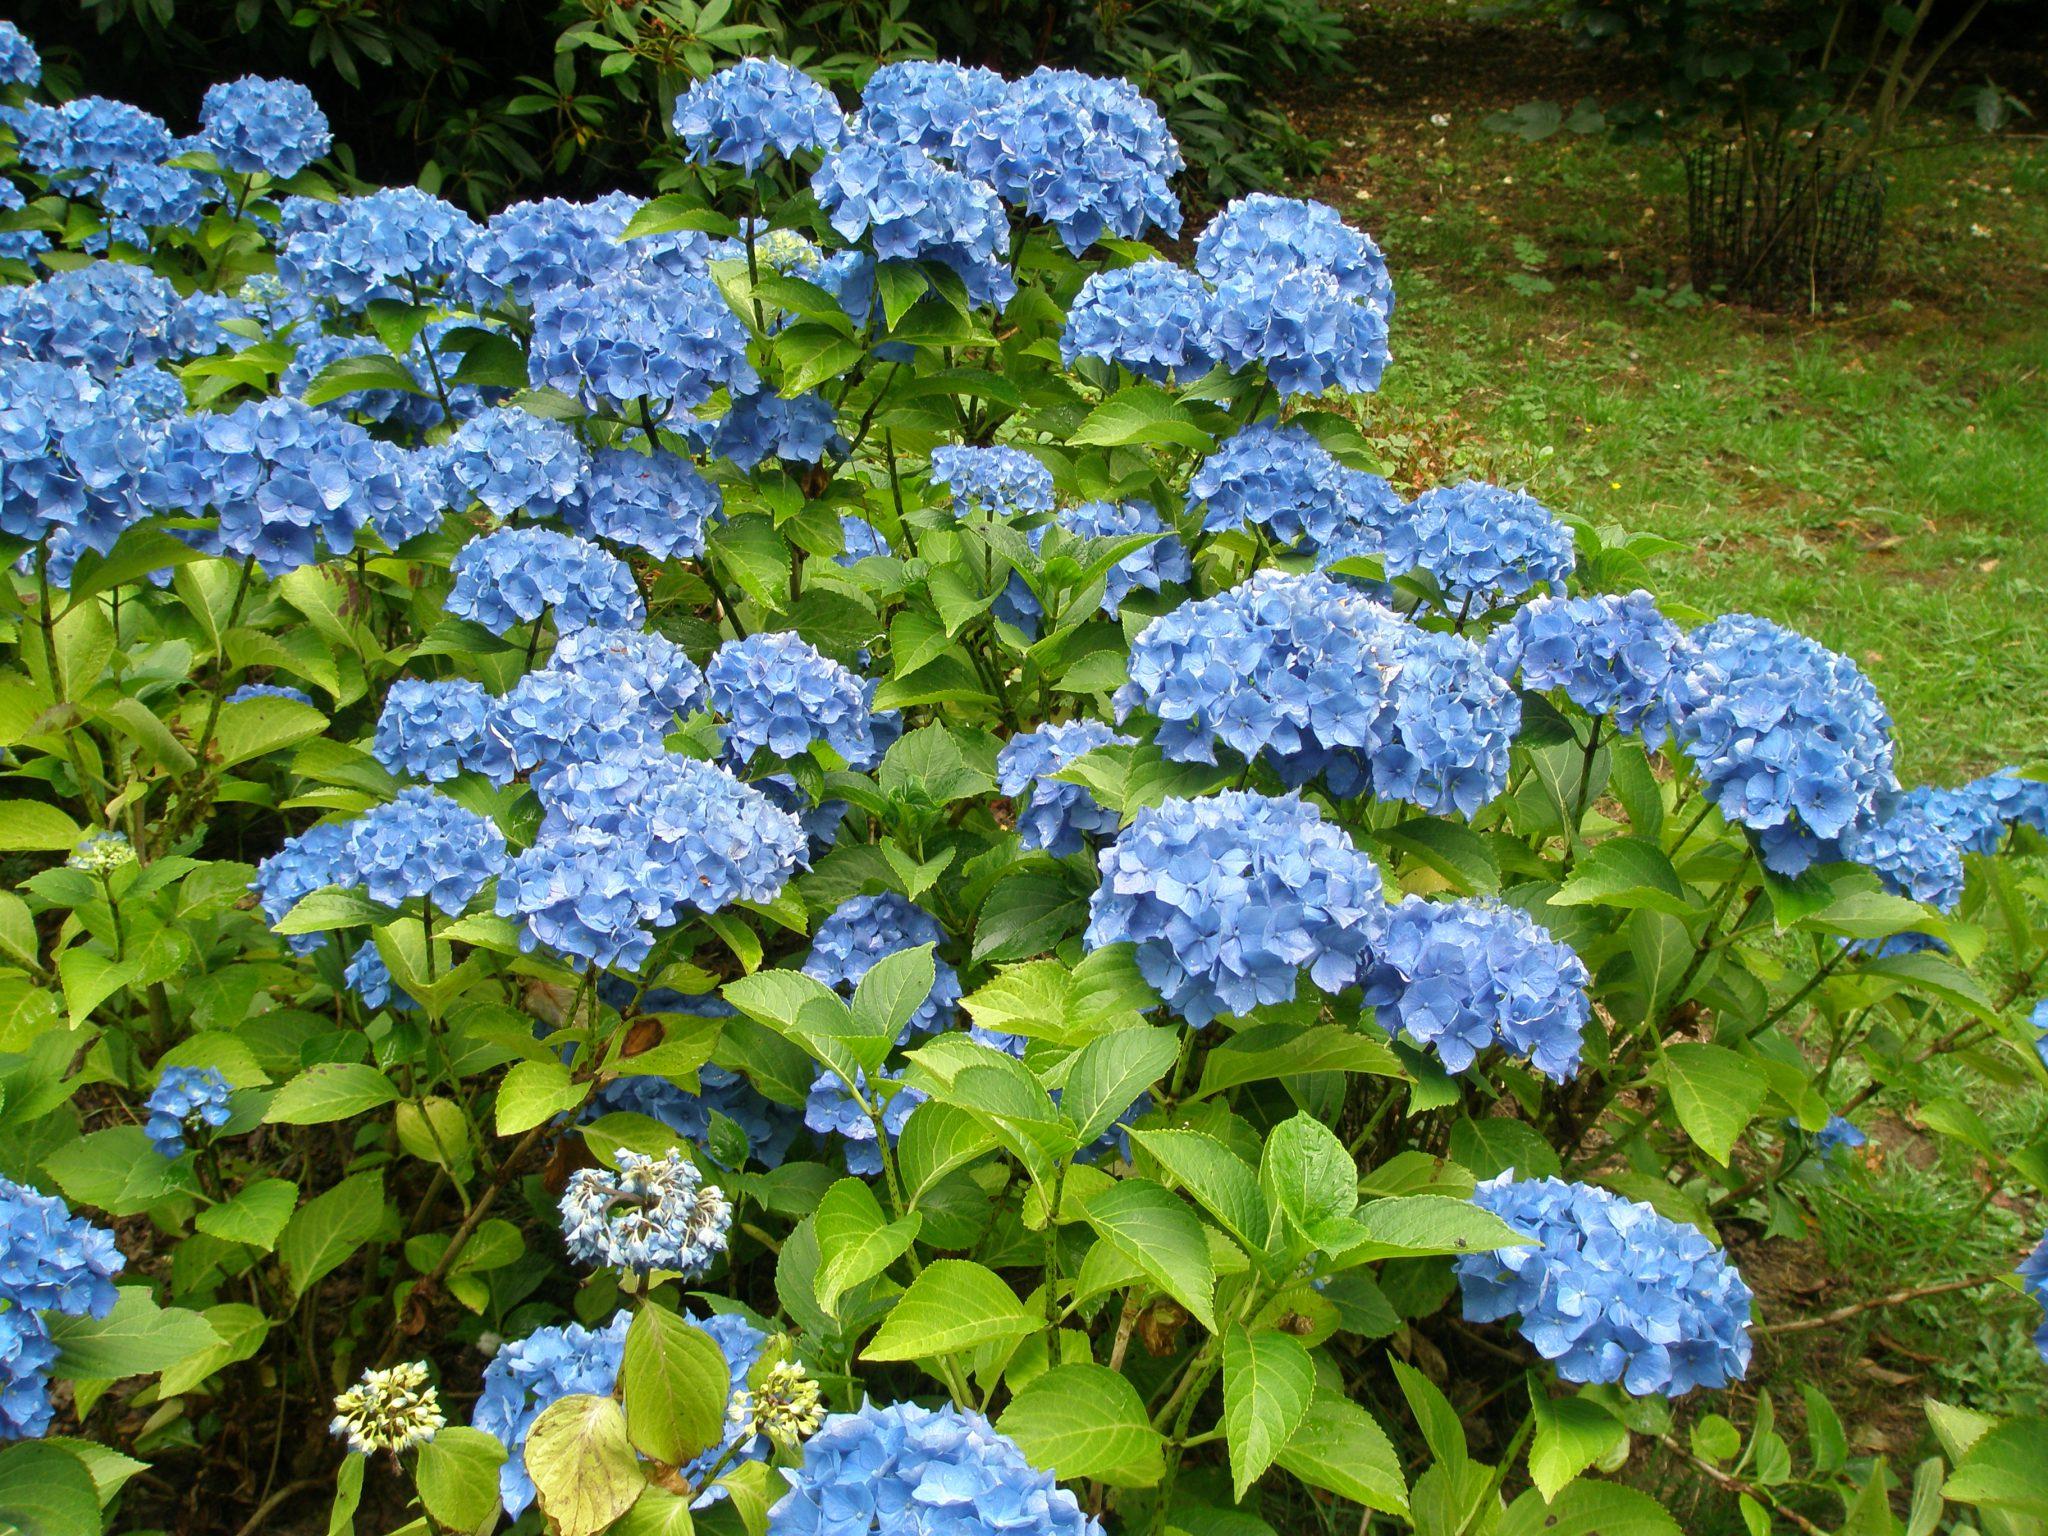 Electric-Blue Hydrangeas abound in the Woodland Garden. WOW!